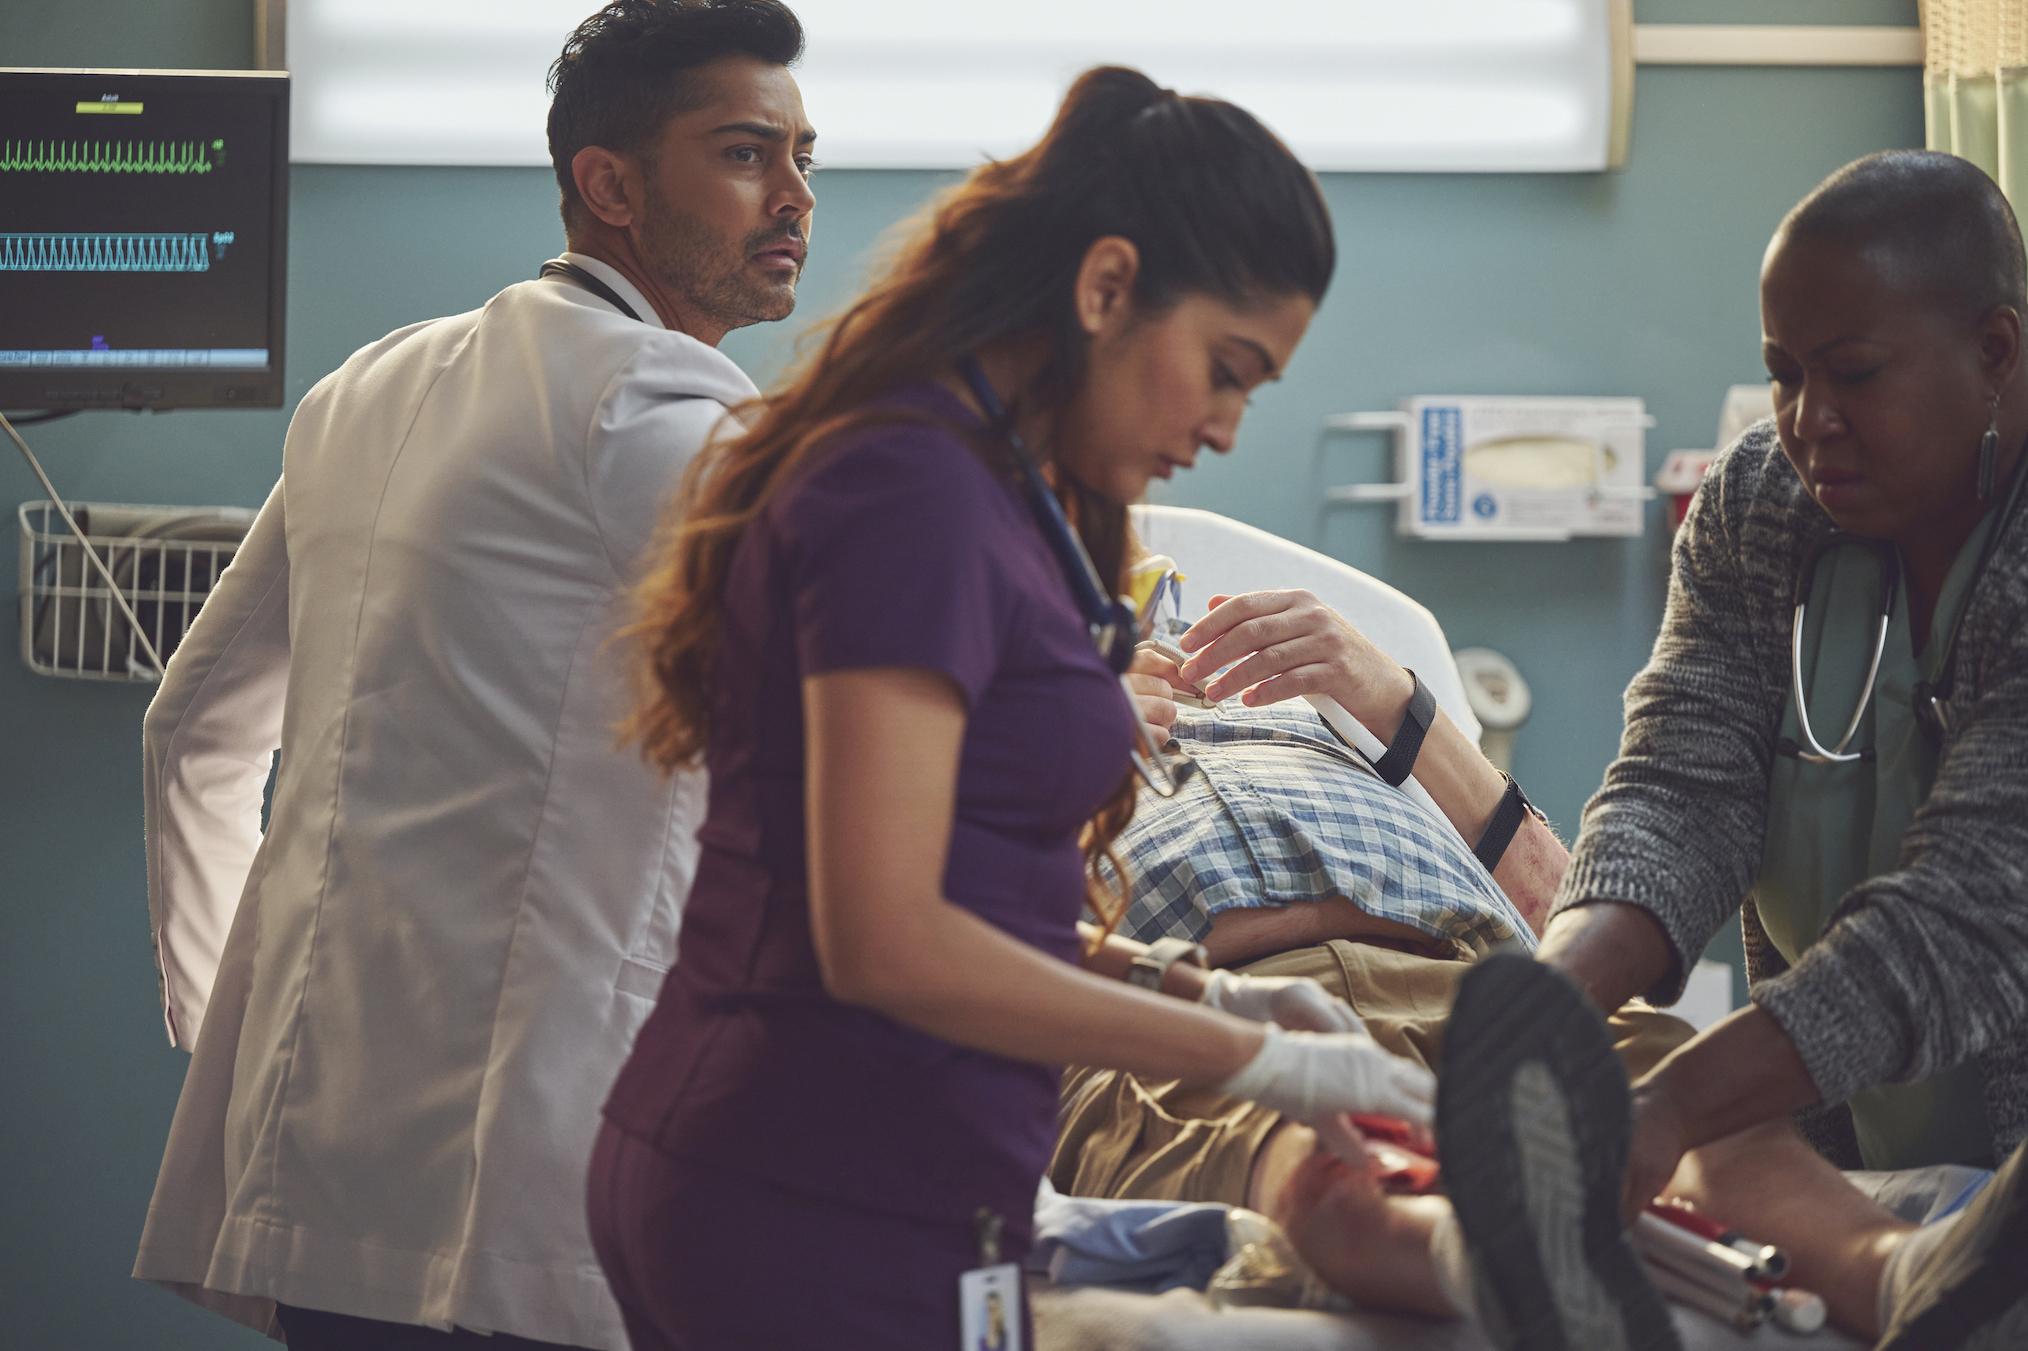 Manish Dayal dans le rôle de Devon, Anuja Joshi dans le rôle de Leela dans The Resident